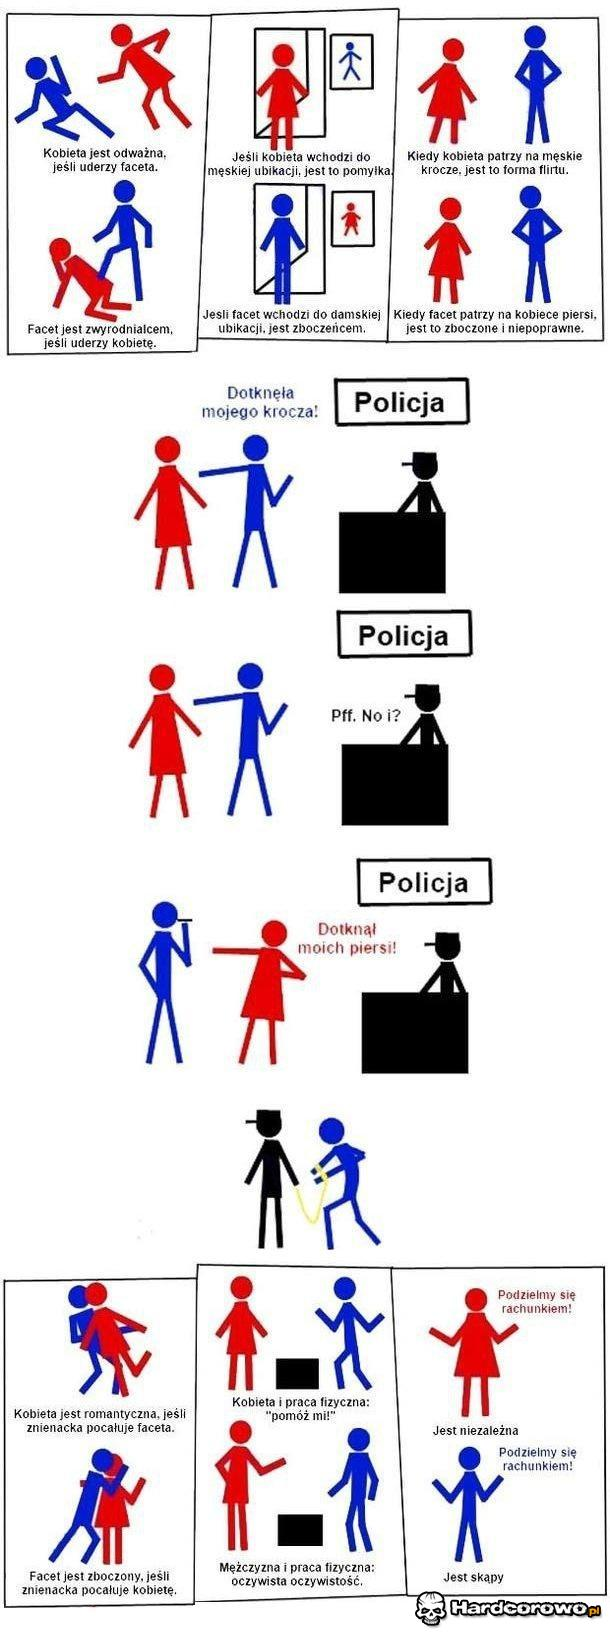 Kobieta a mężczyzna - 1